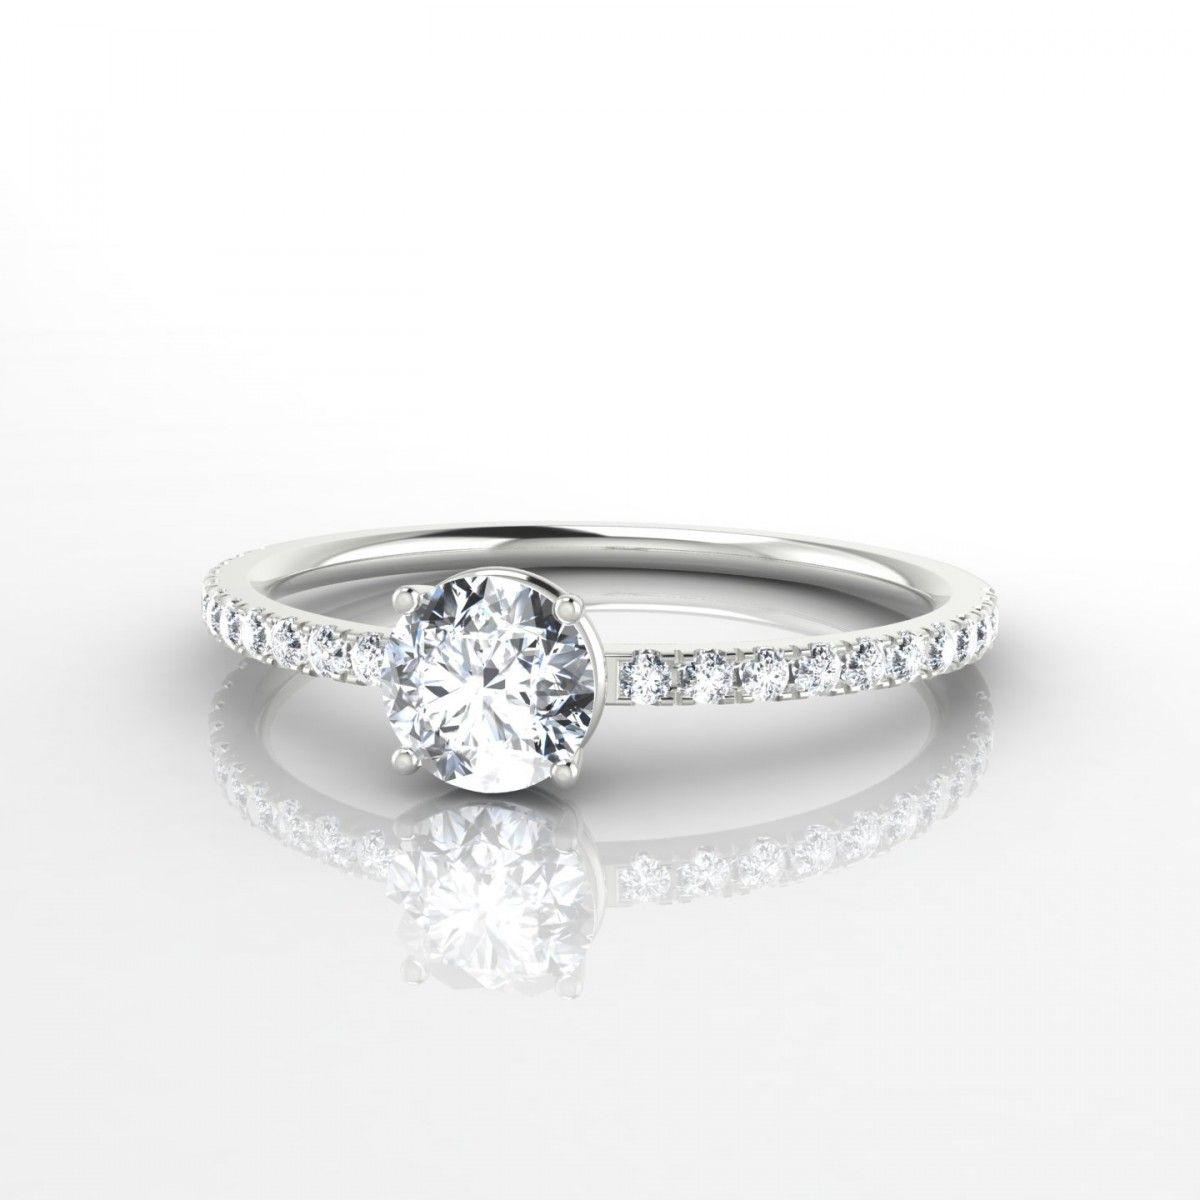 b5a1d8c66fc Aliénor Bague Diamant en Or blanc 18k